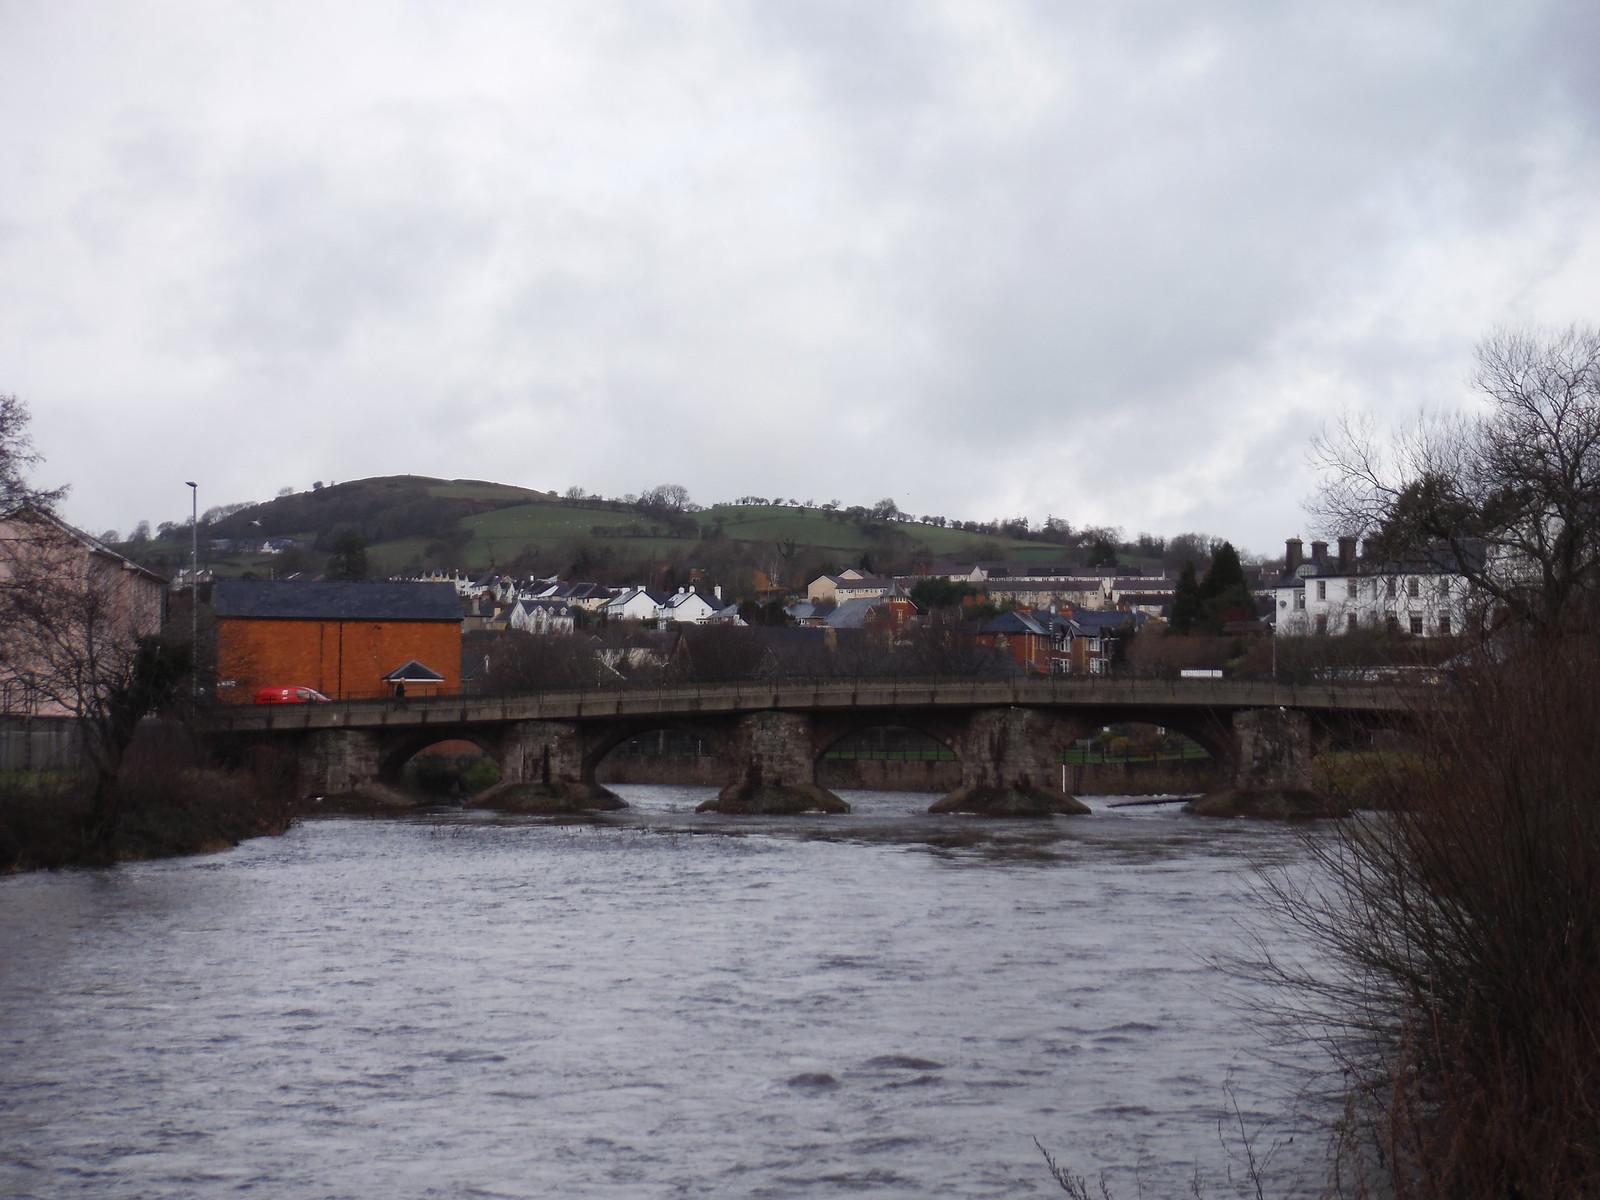 Usk Bridge, Brecon SWC Walk 306 - Brecon Circular (via Y Gaer, Battle and Pen-y-crug)